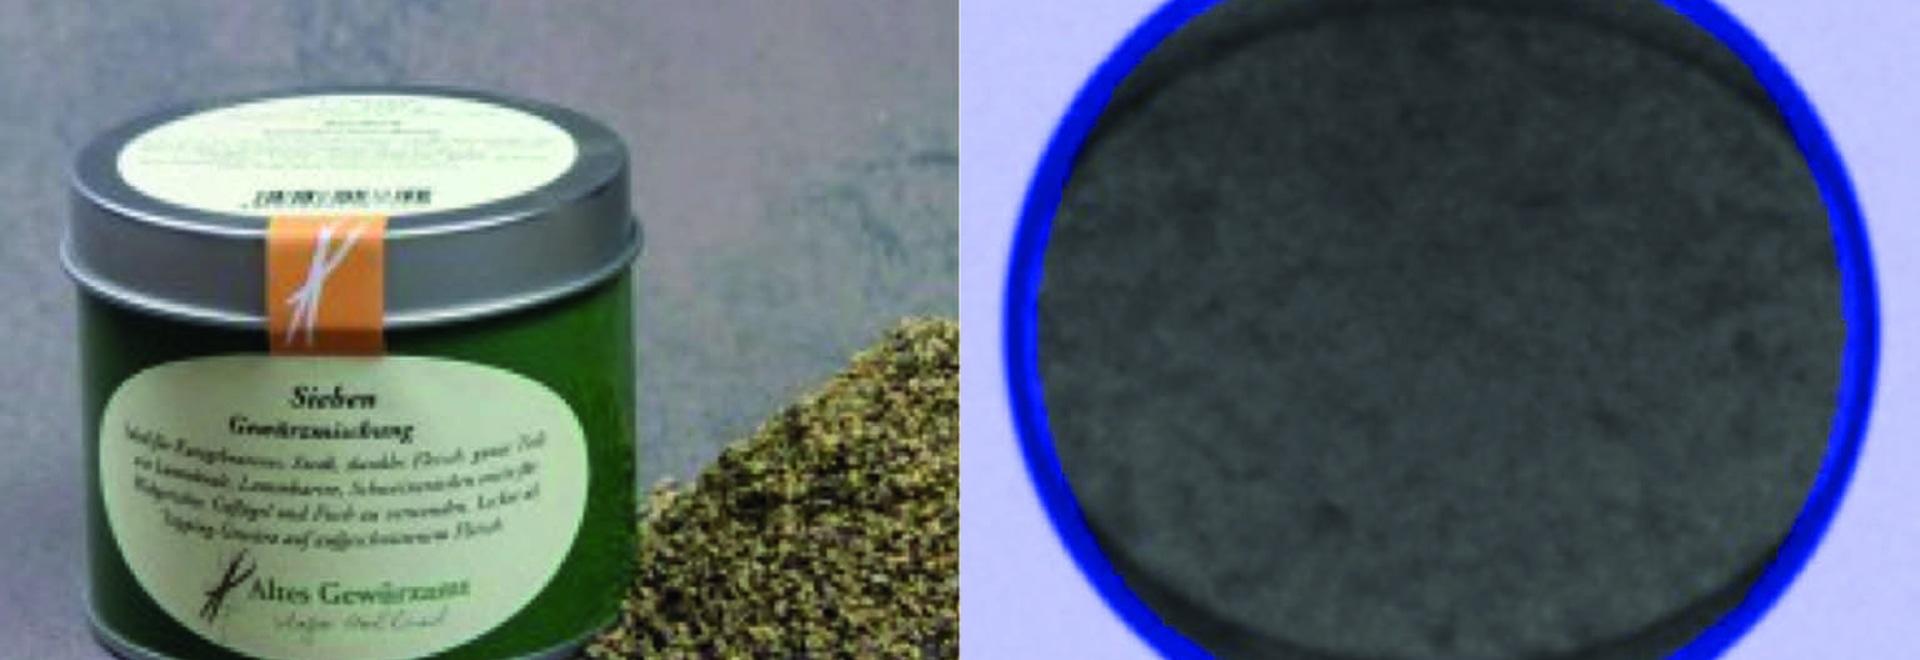 """Gewürzdose Original Foto / Röntgenbild mit Funktion Randfilter: es wird in den gefilterten, """"blauen Bereichen"""" mit niedrigerer Empfindlichkeit inspiziert, dafür in den anderen Bereichen mit höherer..."""